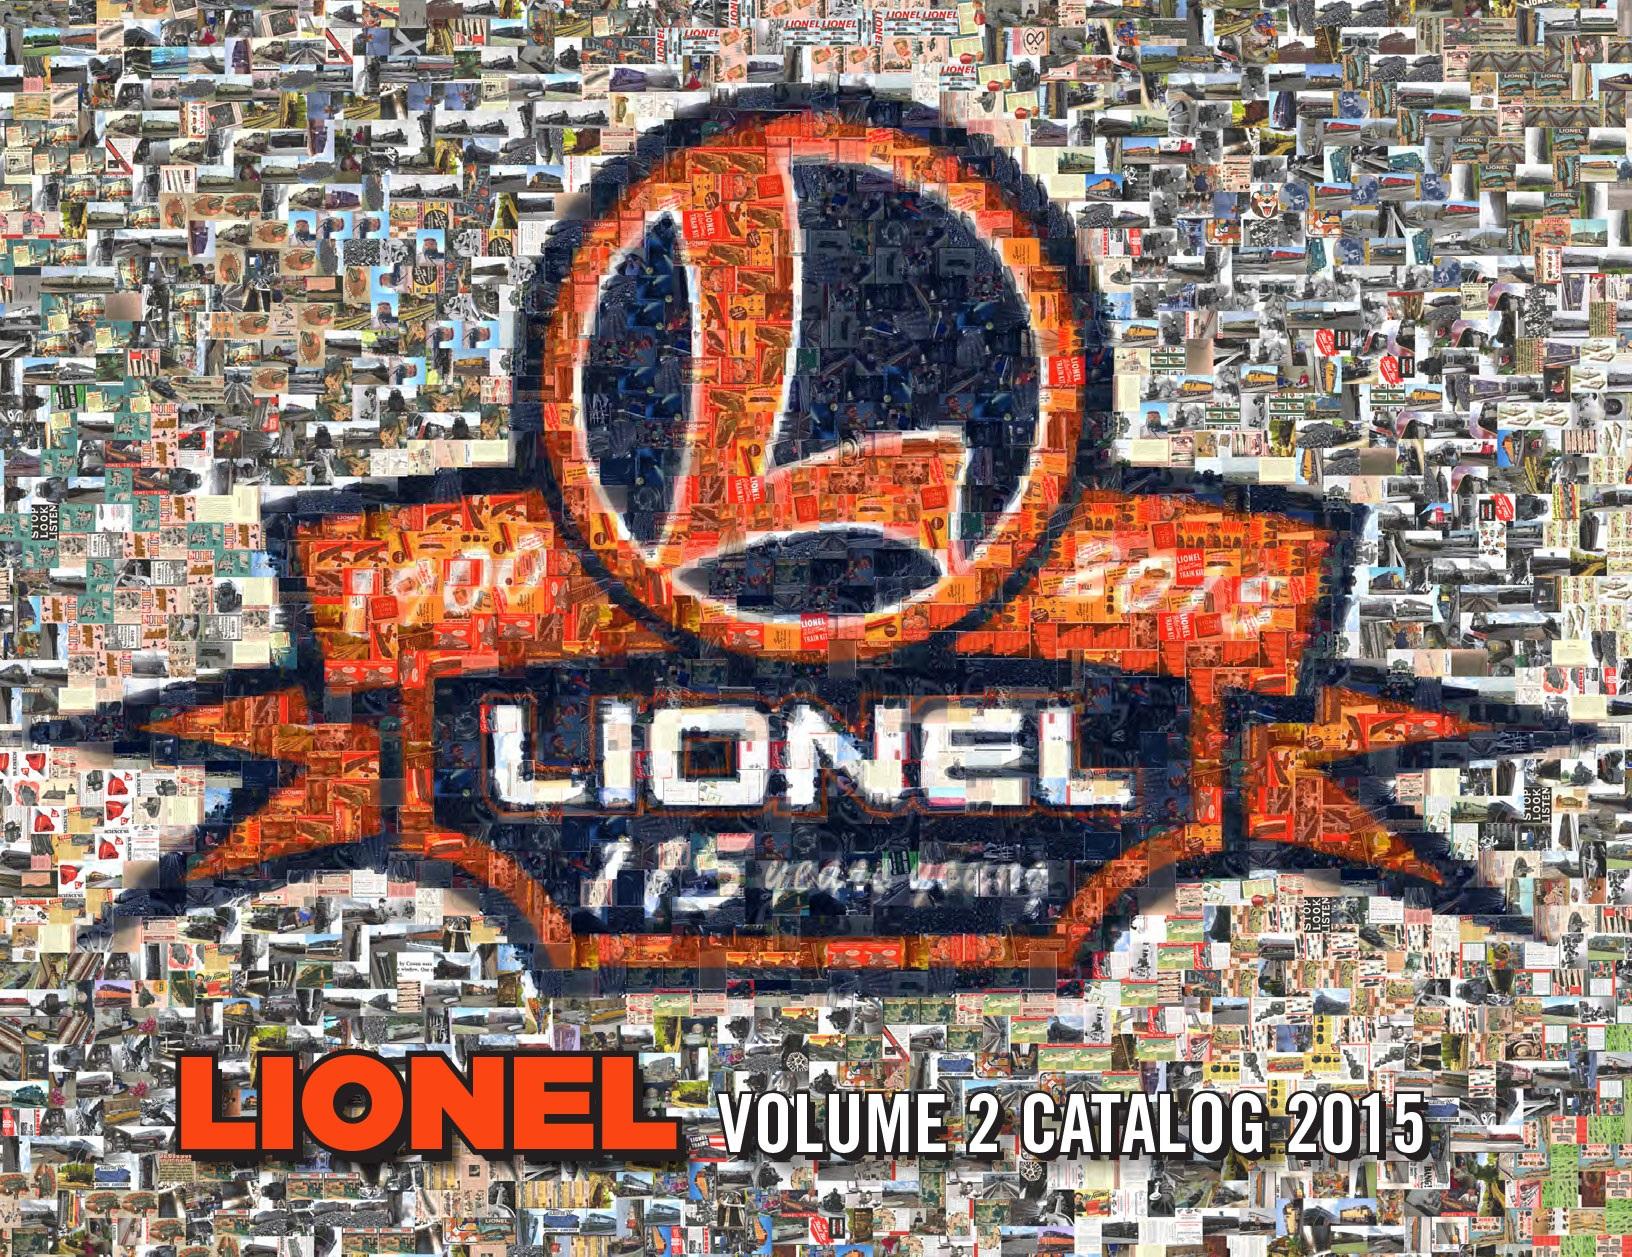 Lionel Catalogs - Volume 2 2015